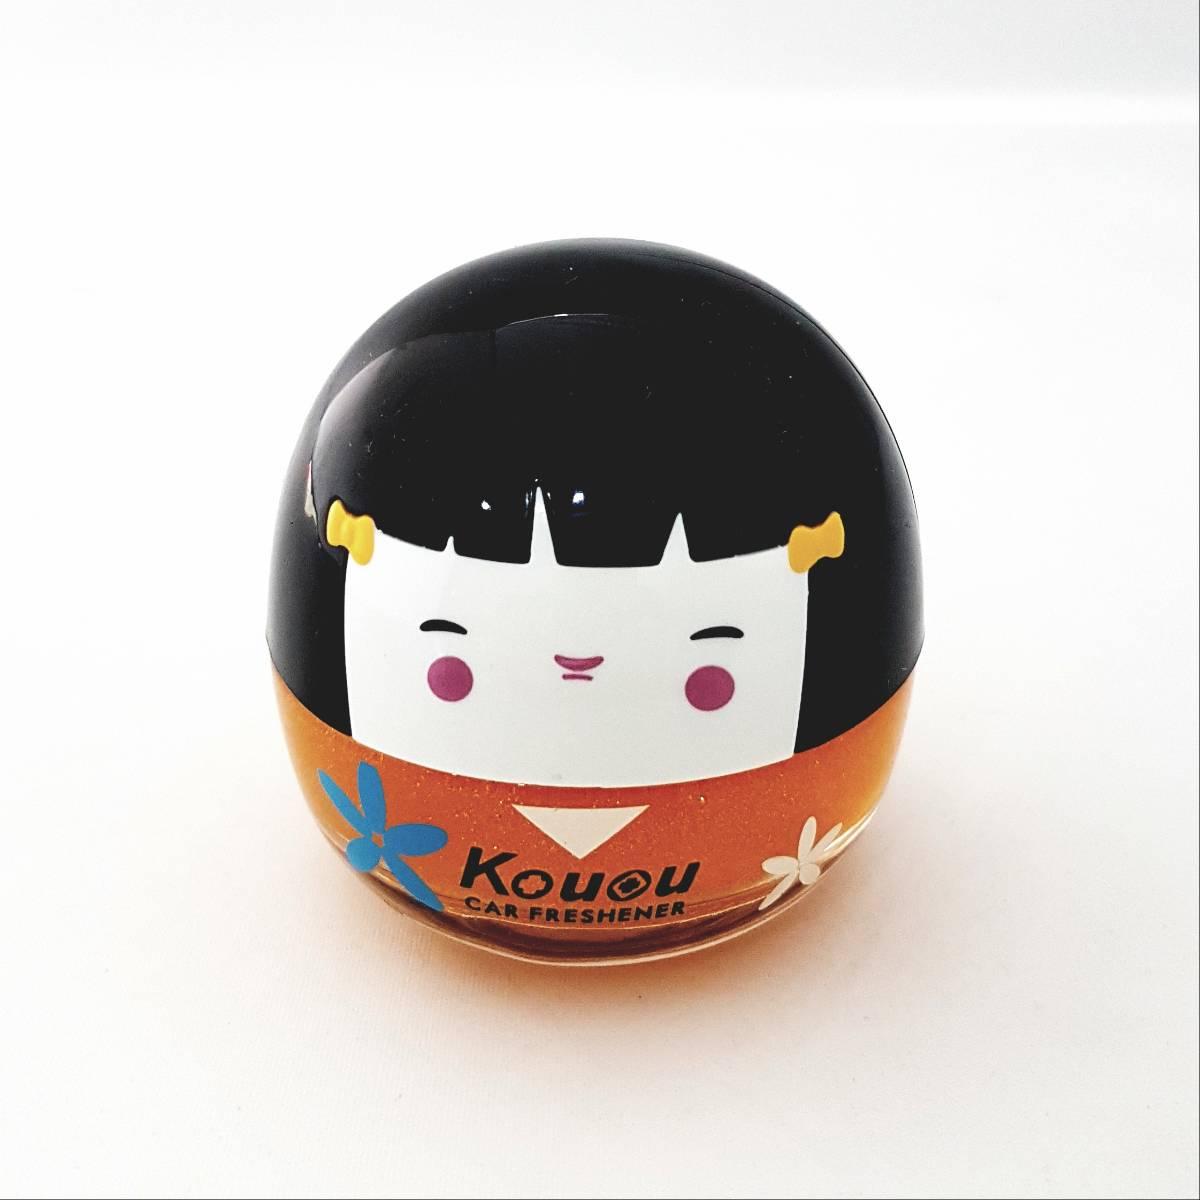 Parfum Mobil Boneka Jepang Kouou Pm-002/a11